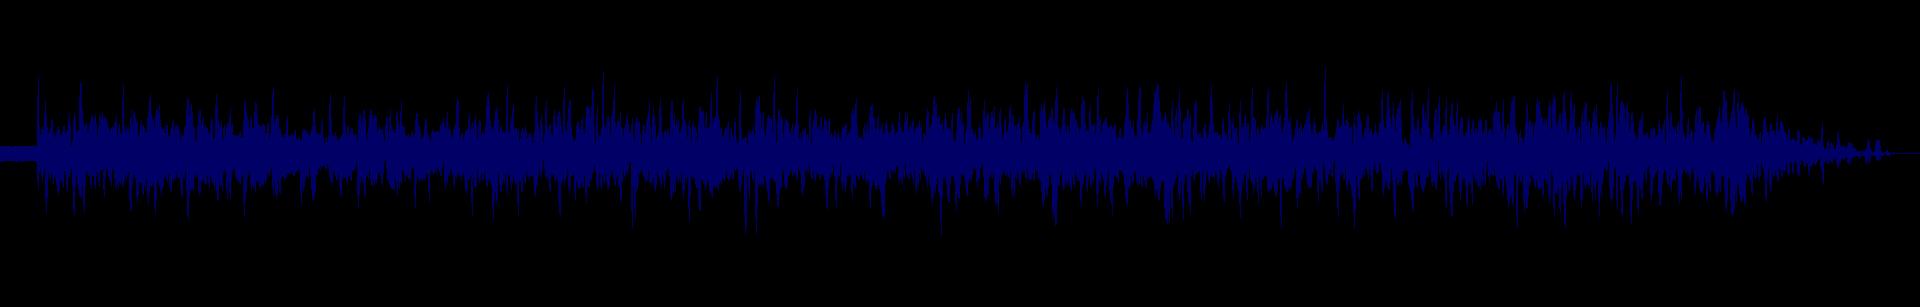 waveform of track #110063